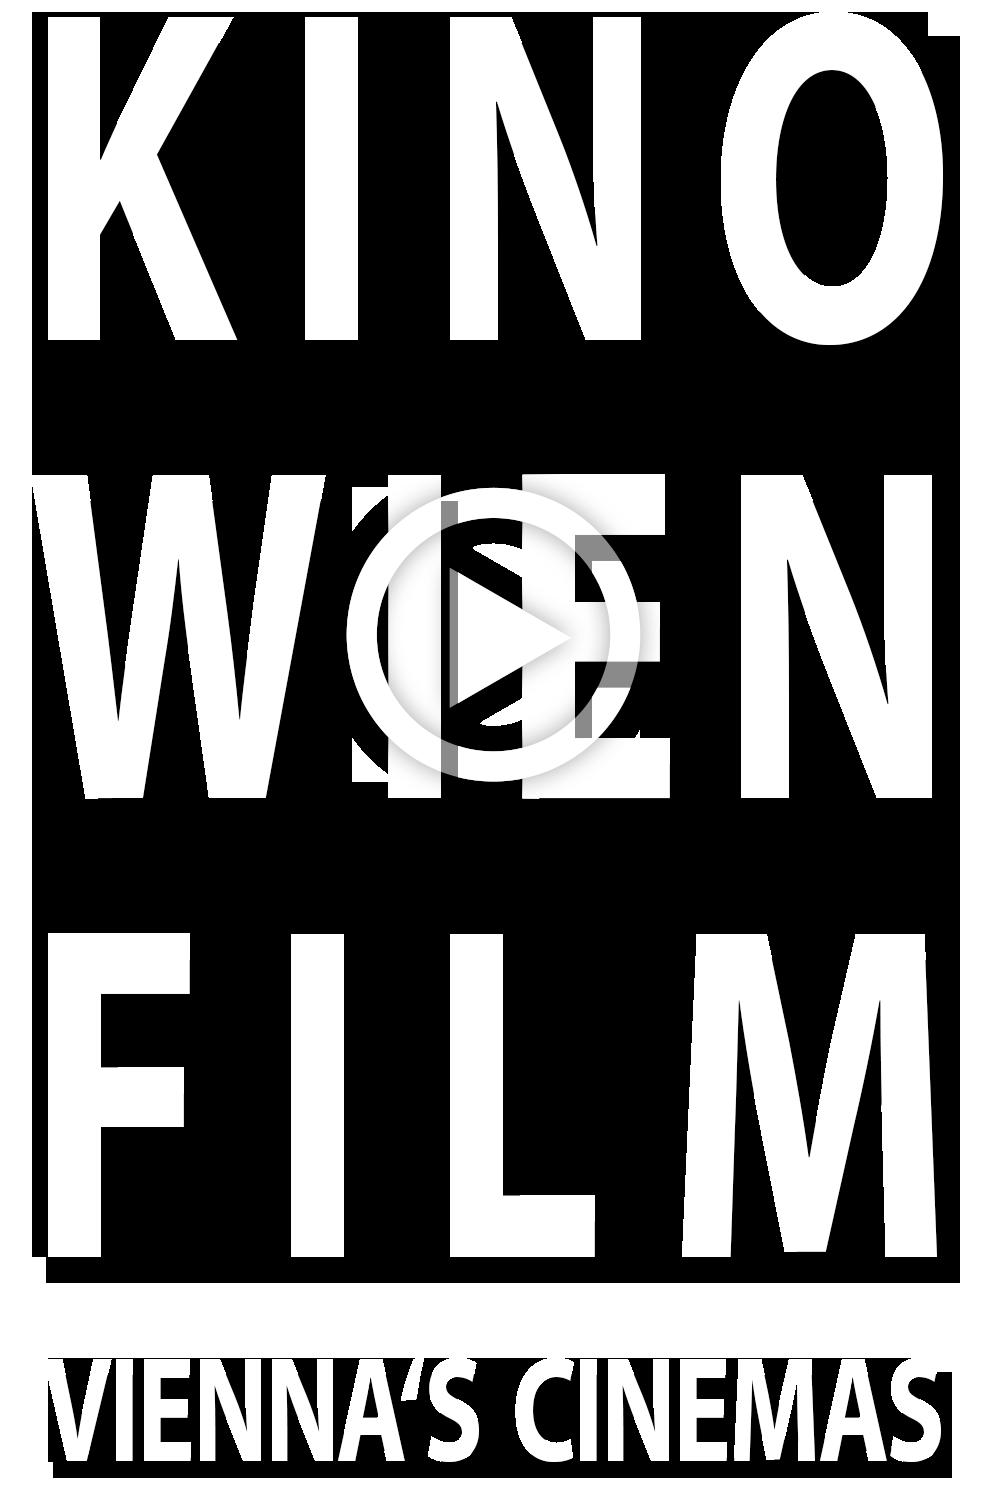 KINO WIEN FILM - LOGO